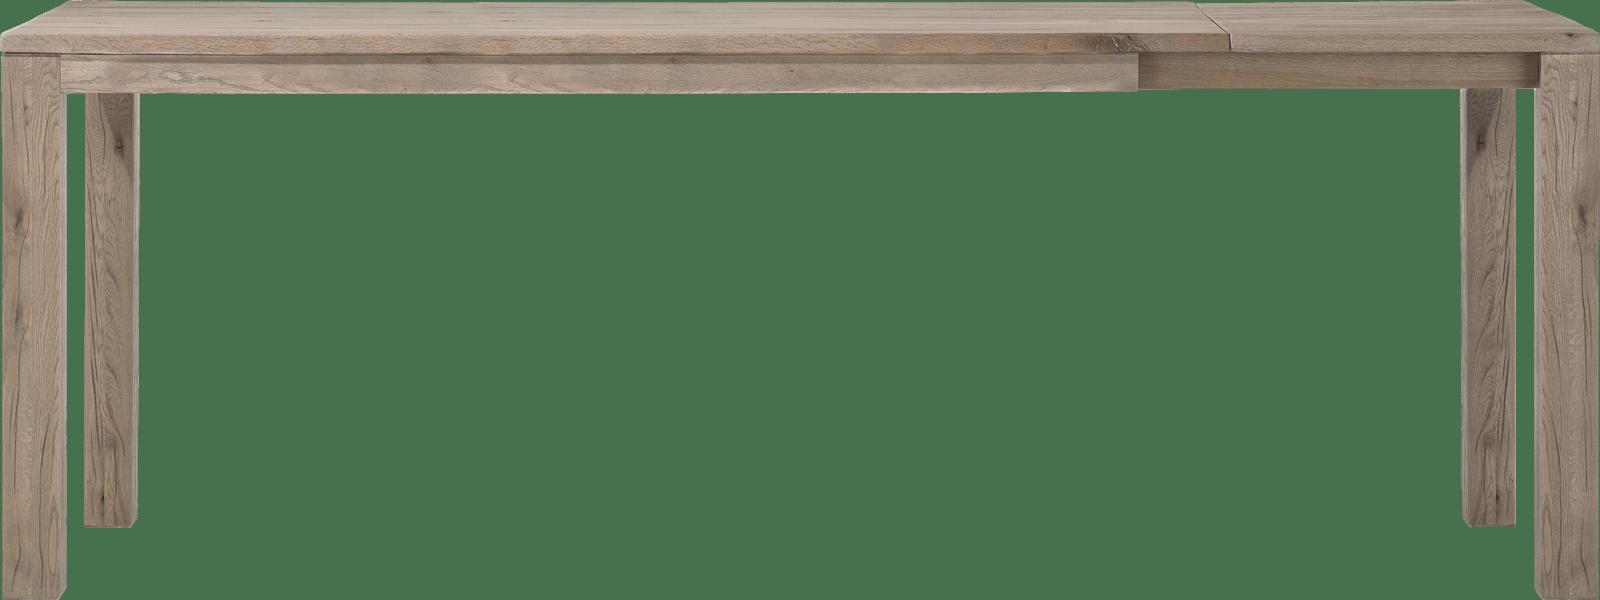 Masters - uitschuif-bartafel 200 (+ 60) x 100 cm -hout 9x9